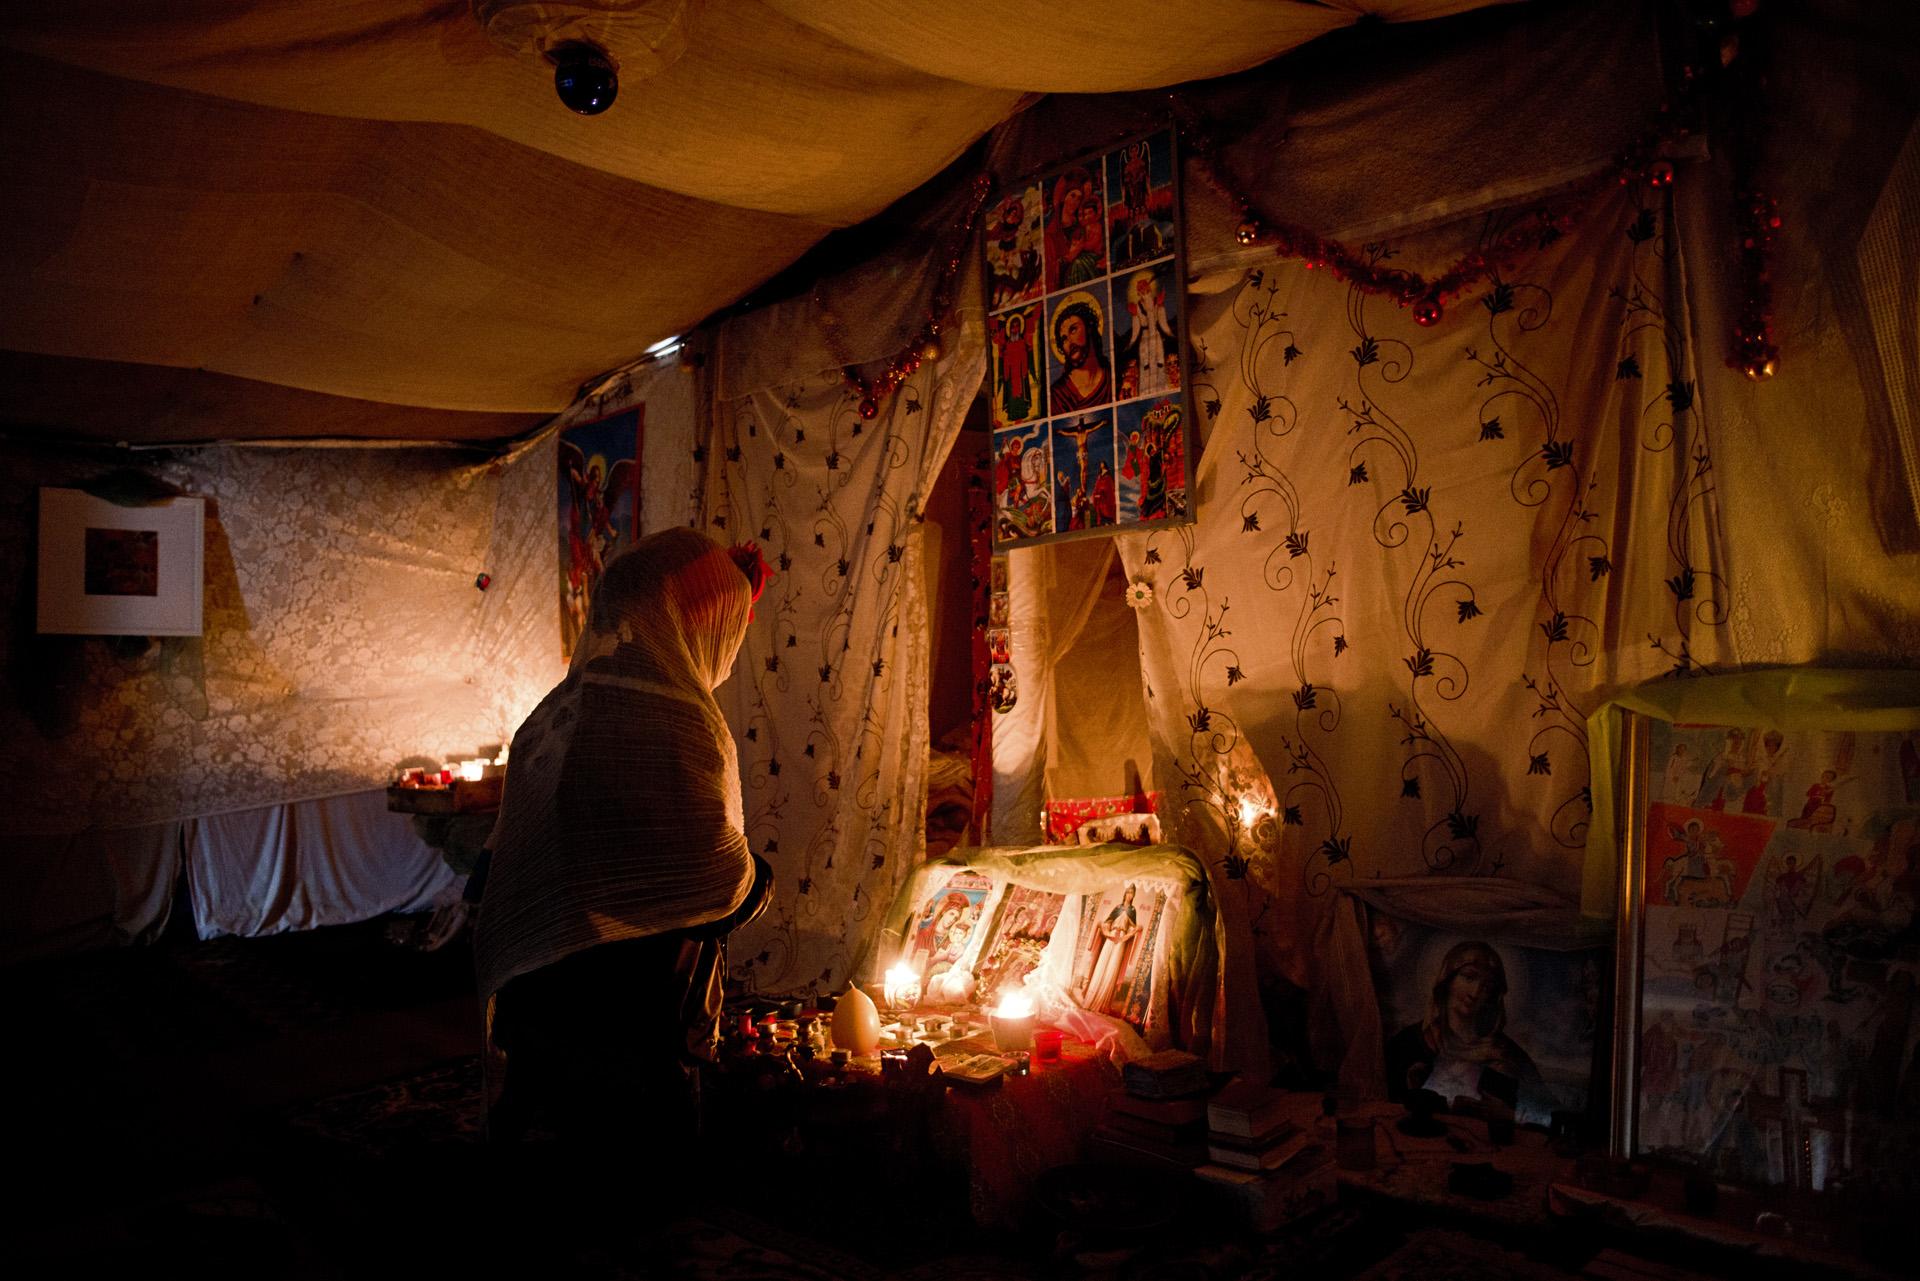 « L'Eglise de Tioxide ». Les dons des particuliers ont également permis aux migrants de construire et décorer des lieux de cultes au milieu de l'un des plus grands camps de migrants, sur le site industriel désaffecté de Tioxide.  Dans cette « jungle » vivent principalement des Erythréens et des Ethiopiens, qui sont principalement de confession chrétienne orthodoxe ou musulmane. A une dizaine de mètres de l'église, une mosquée de fortune a également été construite.